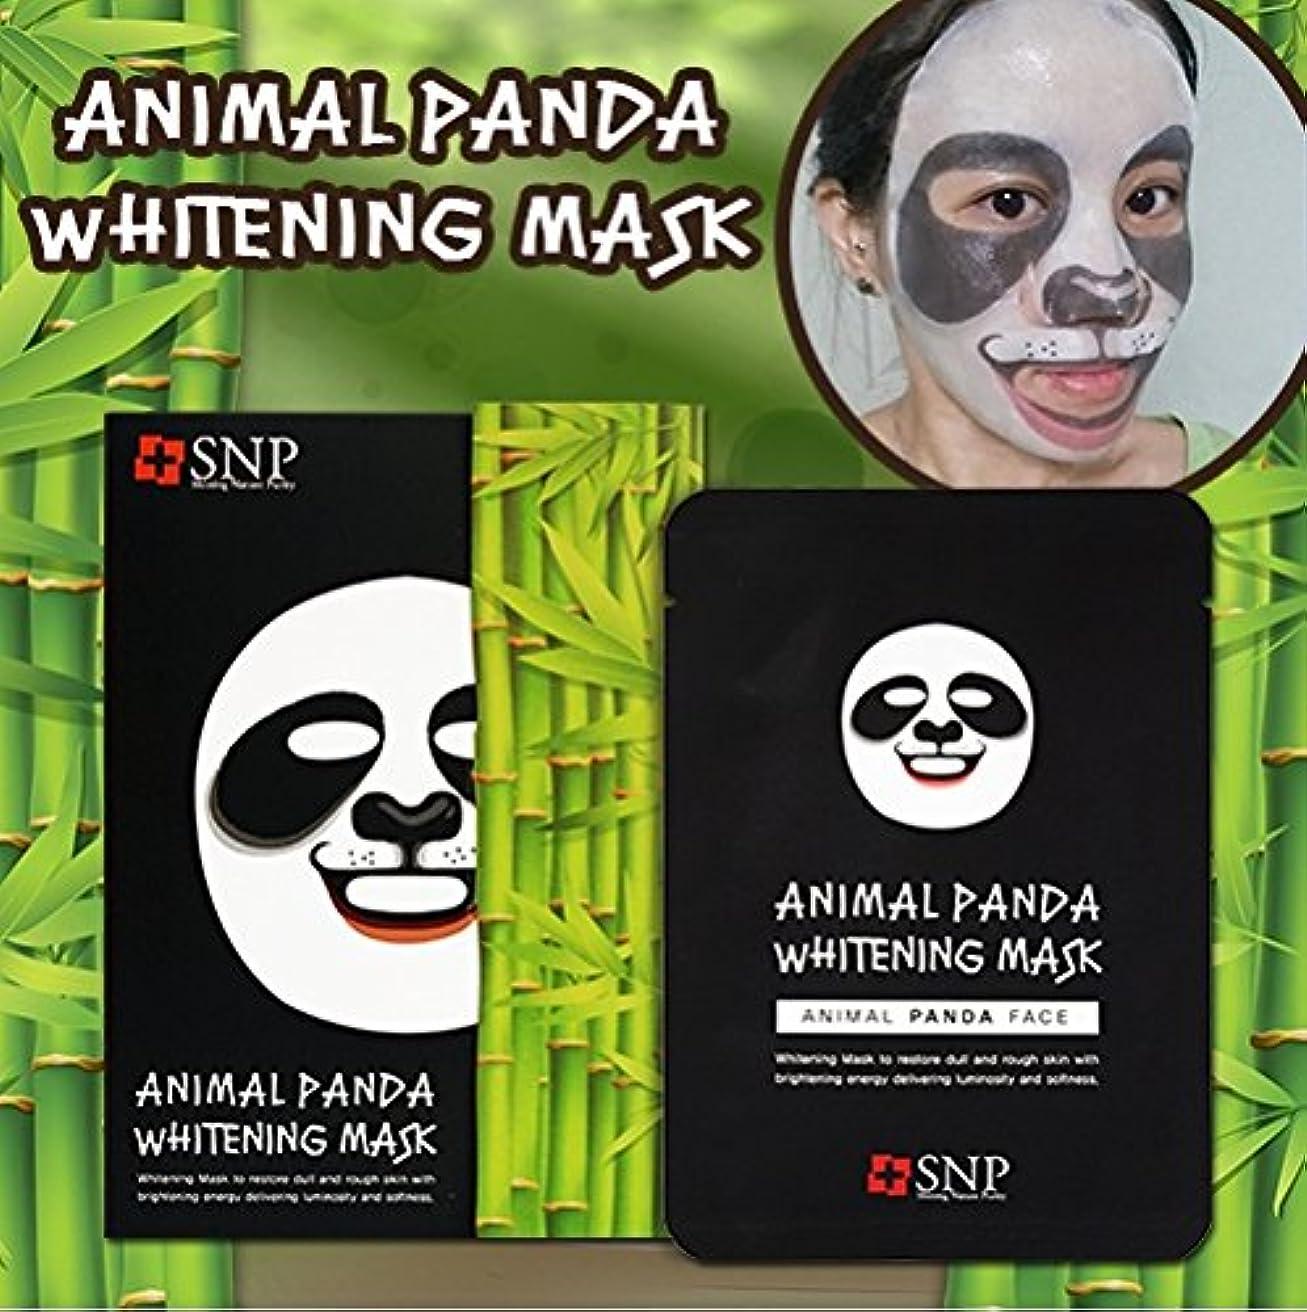 スリチンモイ臨検メジャー(SNP)アニマルパンダホワイトニングマスク 灰色がかった肌色の改善10本入[並行輸入品]SNP Animal Panda Whitening Face Mask Pack x10EA